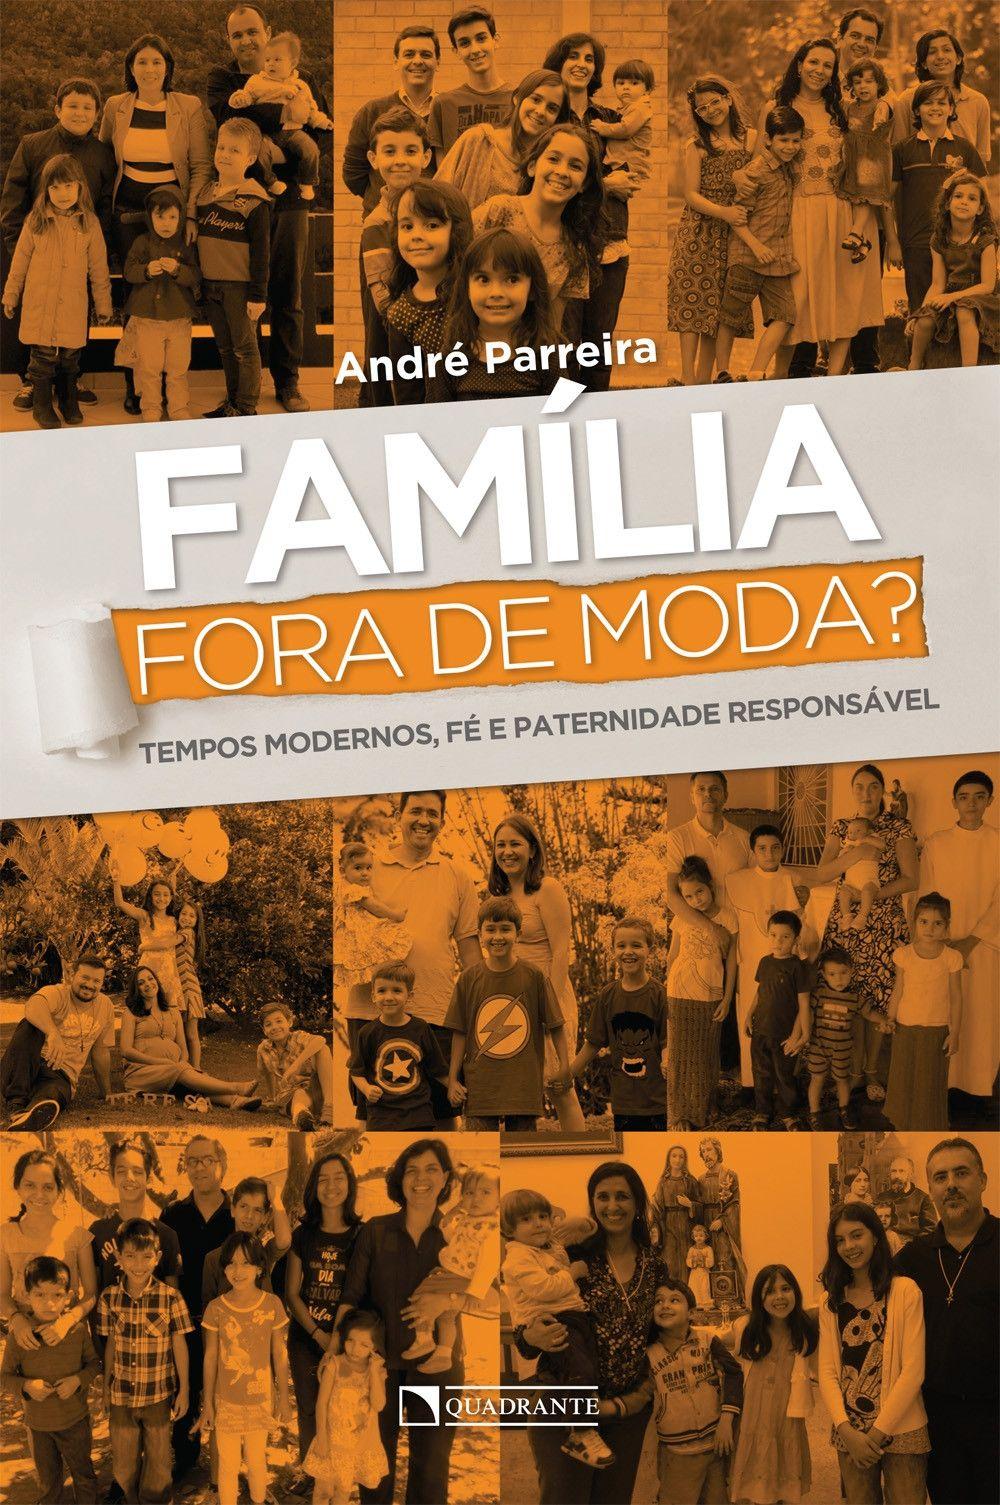 Livro Família fora de moda?